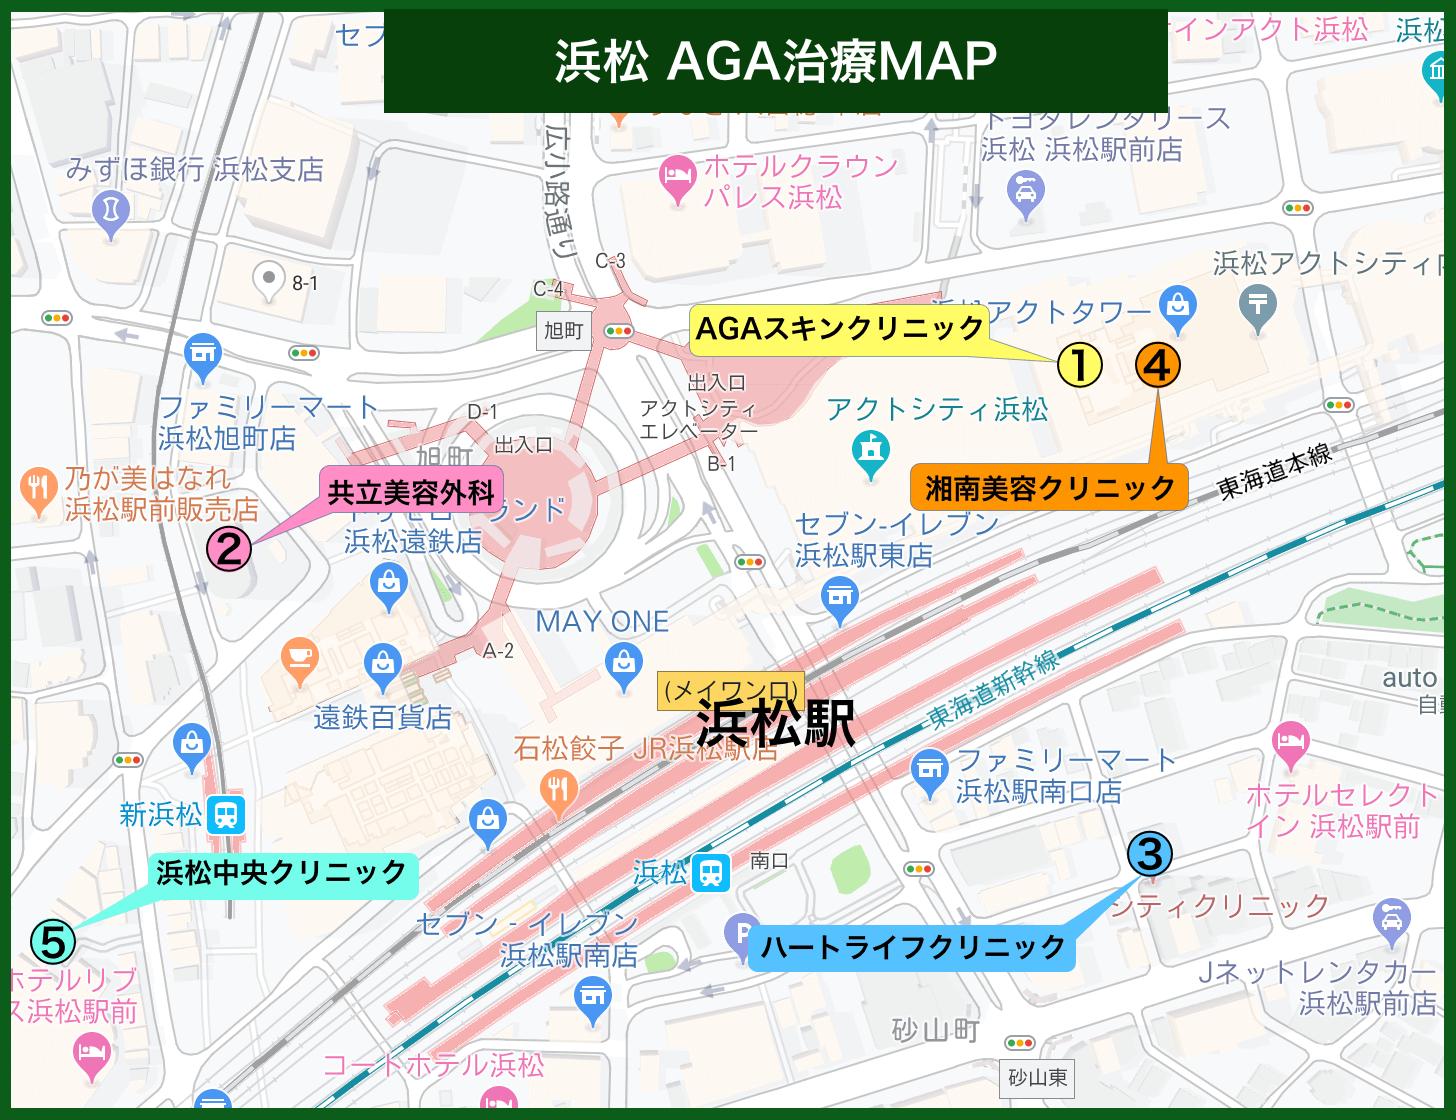 浜松 AGA治療MAP